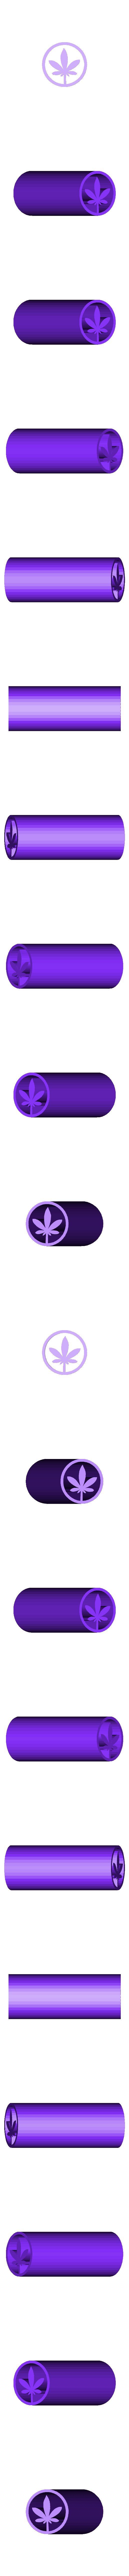 weed.STL Télécharger fichier STL 36 CONSEILS SUR LES FILTRES À MAUVAISES HERBES VOL.1+2+3+4 • Design pour impression 3D, SnakeCreations